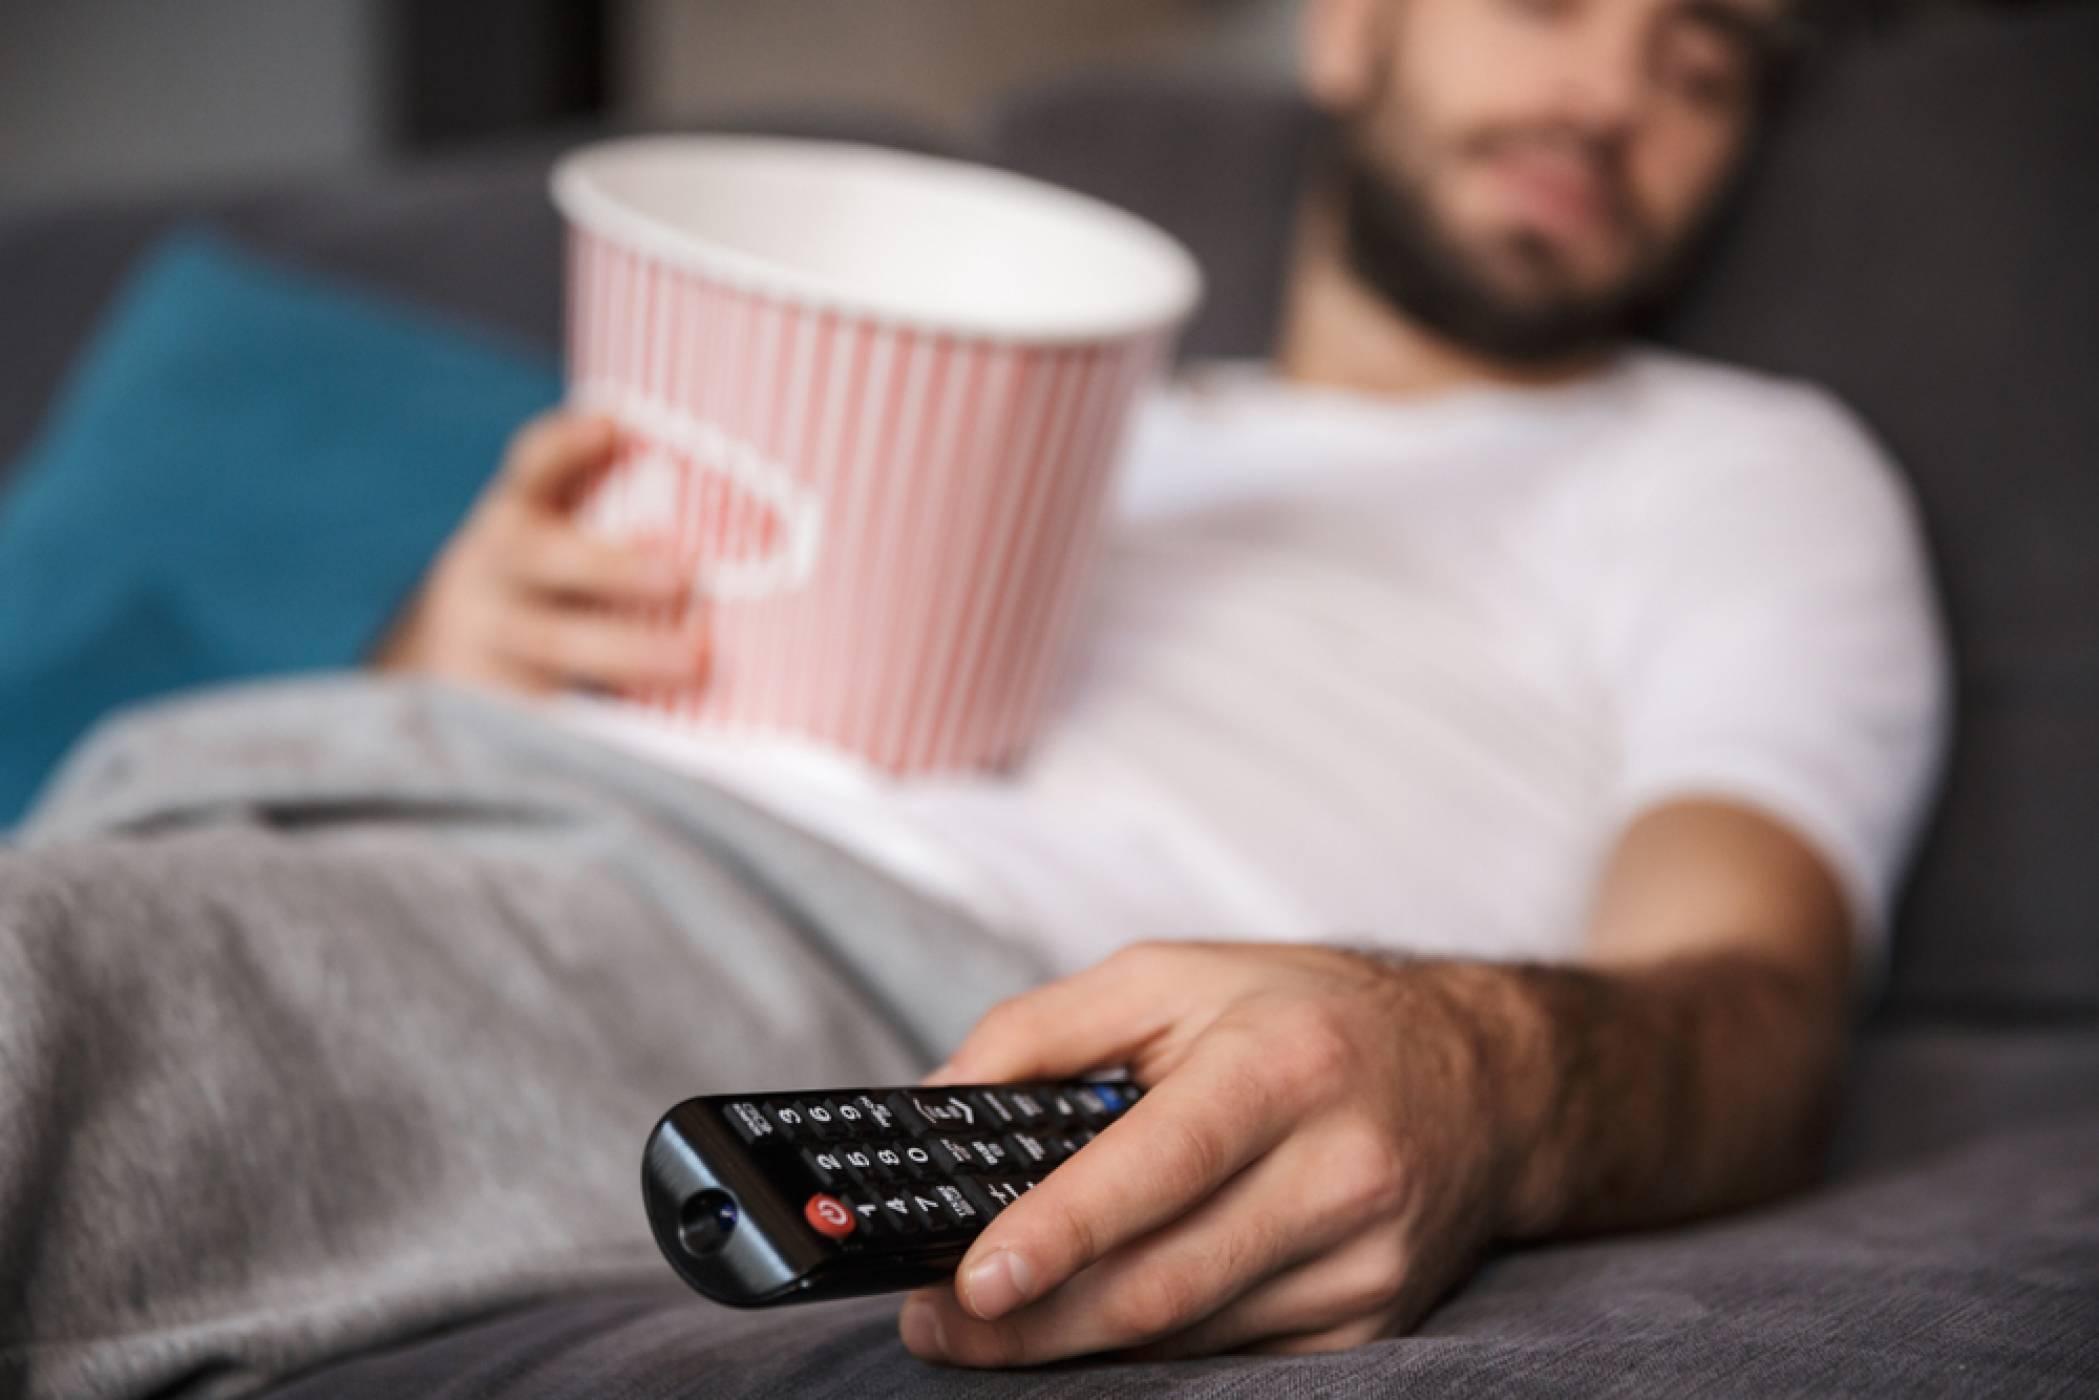 Няколко сериала, които ще ви помогнат да заспите (ВИДЕО)